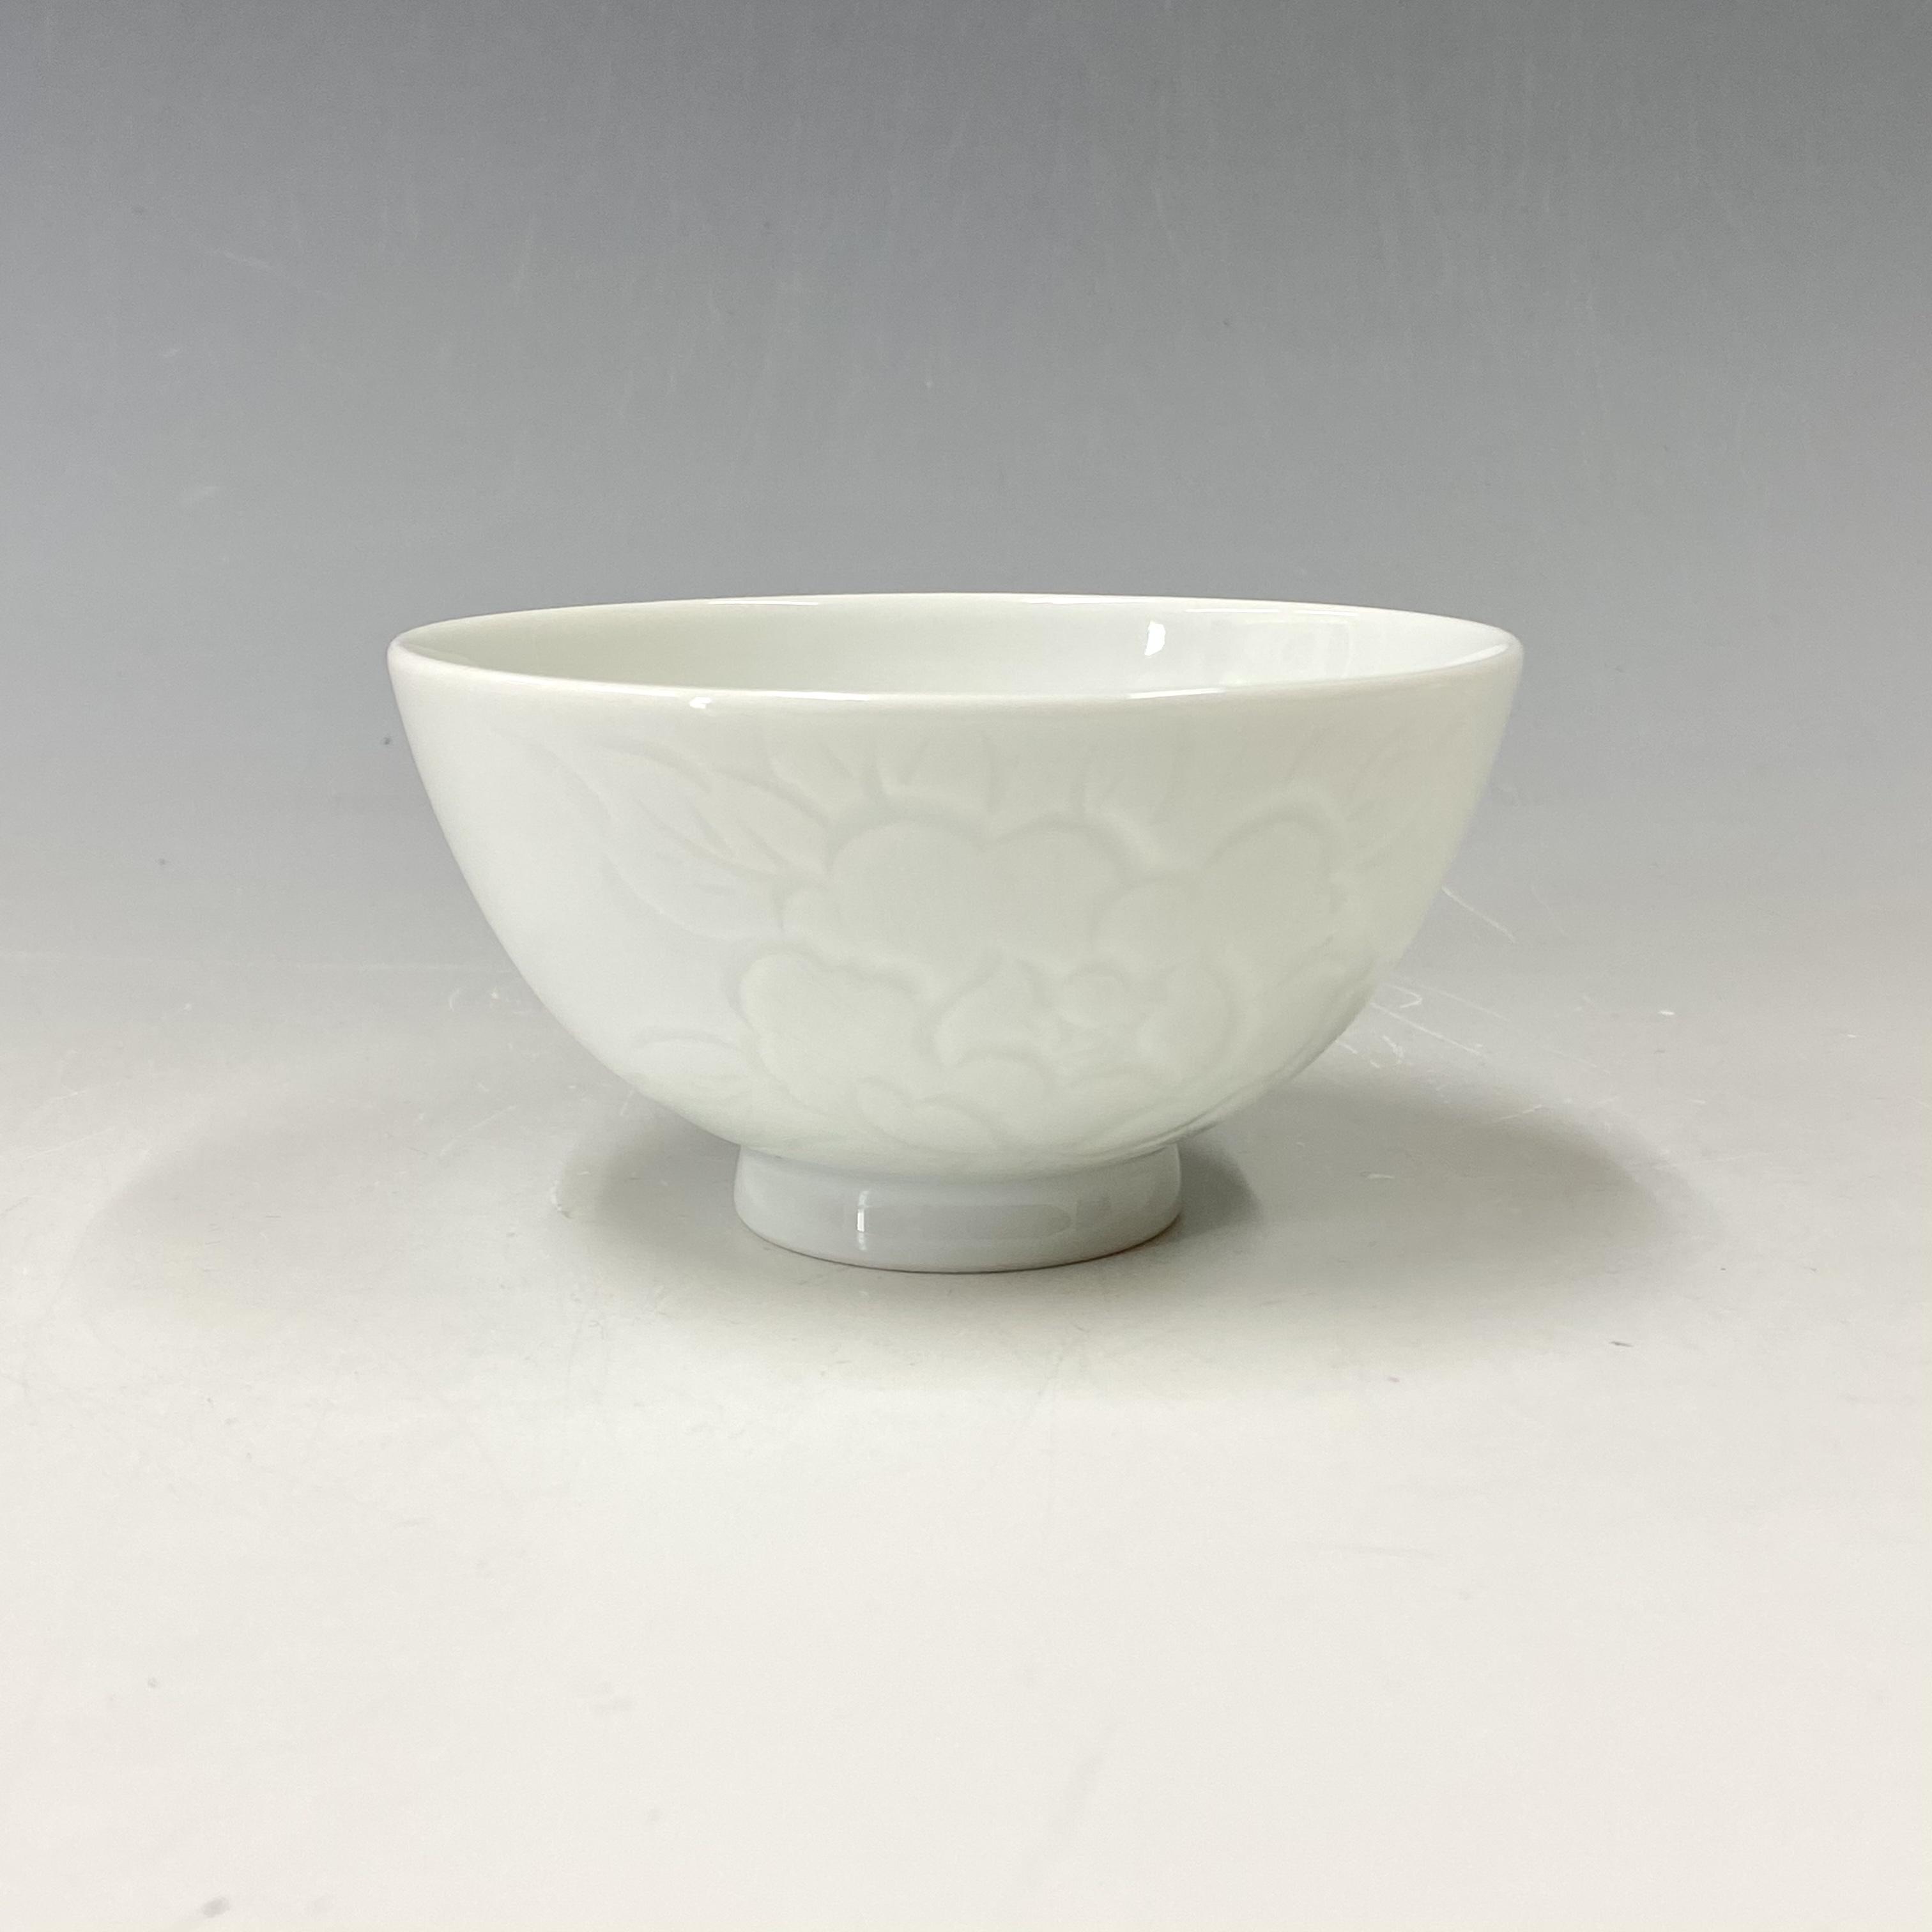 【中尾恭純】白磁牡丹彫茶碗